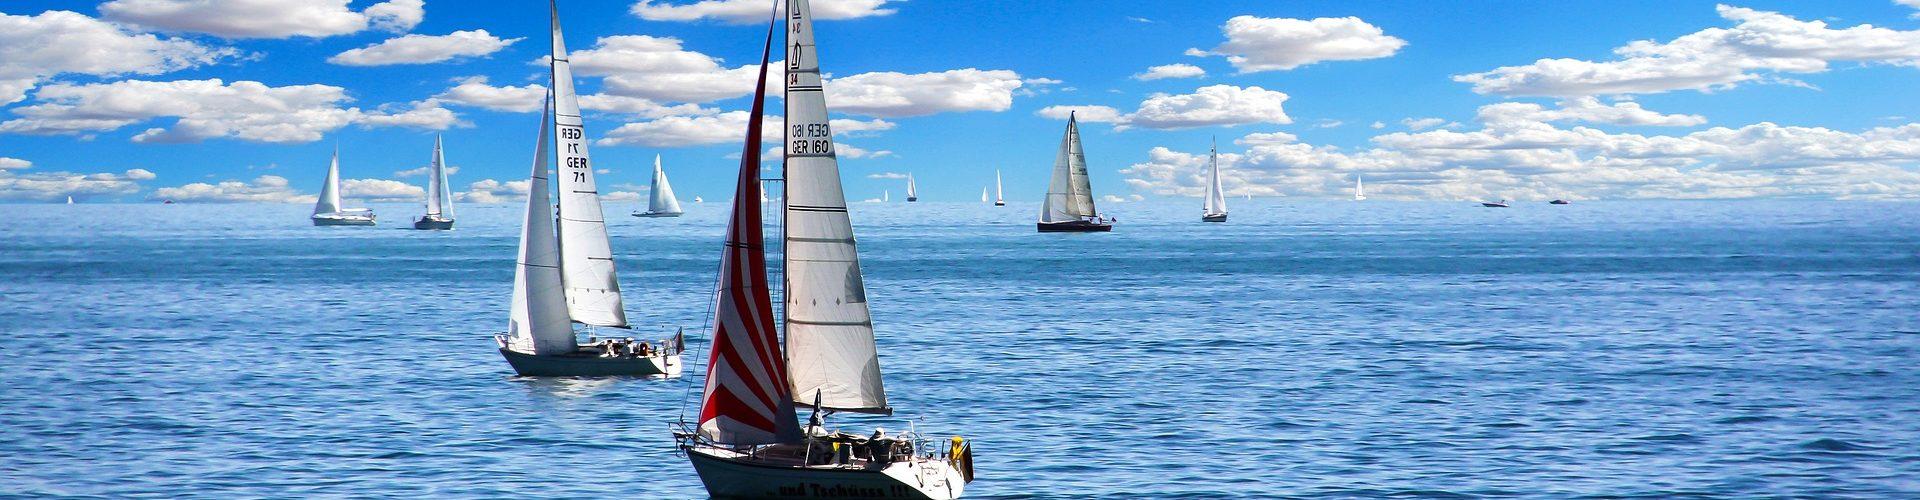 segeln lernen in Rosenheim segelschein machen in Rosenheim 1920x500 - Segeln lernen in Rosenheim